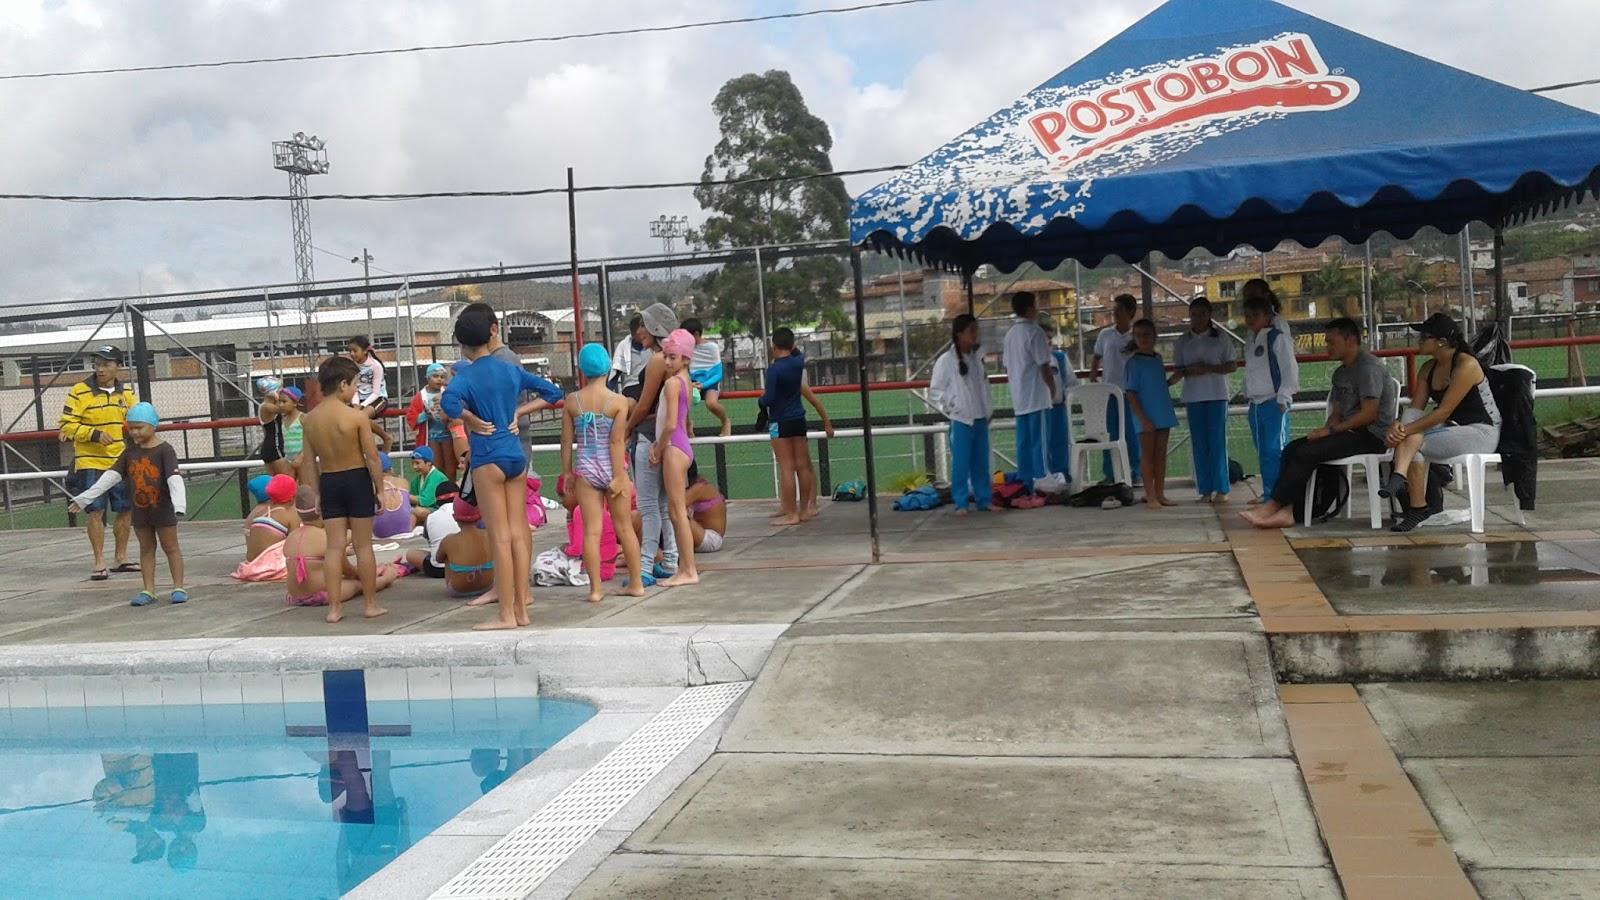 Piscina olimpica de rionegro for Piscina olimpica madrid